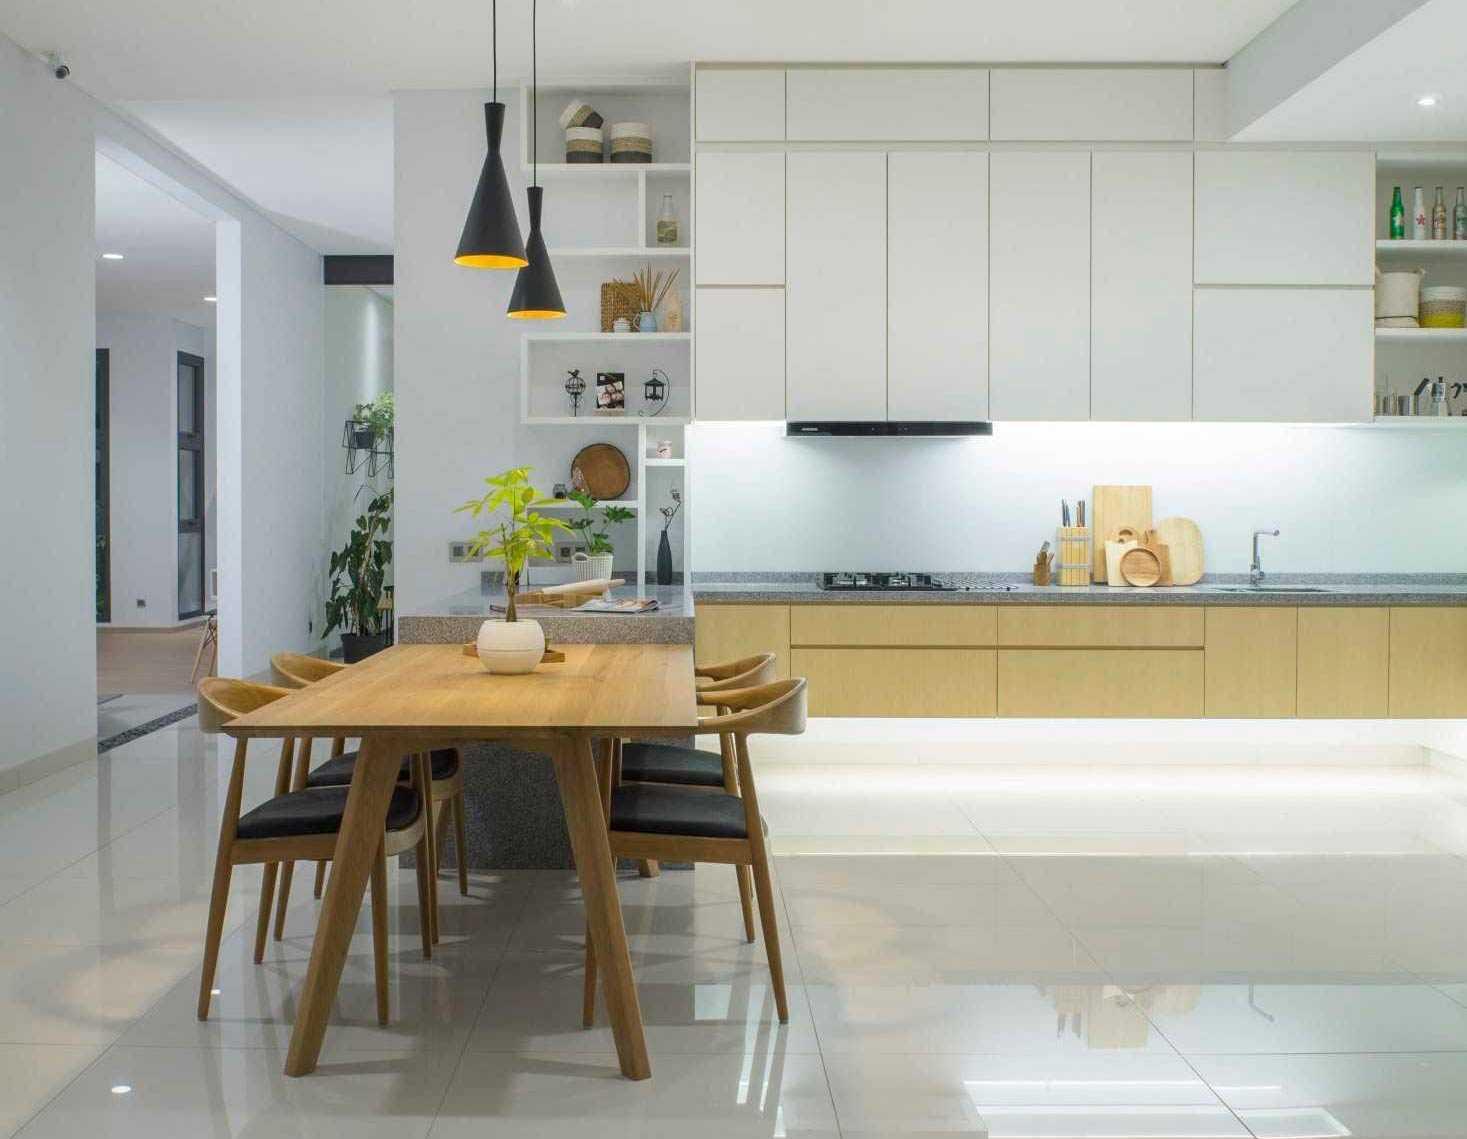 Dominasi warna putih di dapur Pitarani House (Sumber: Arsitag.com)